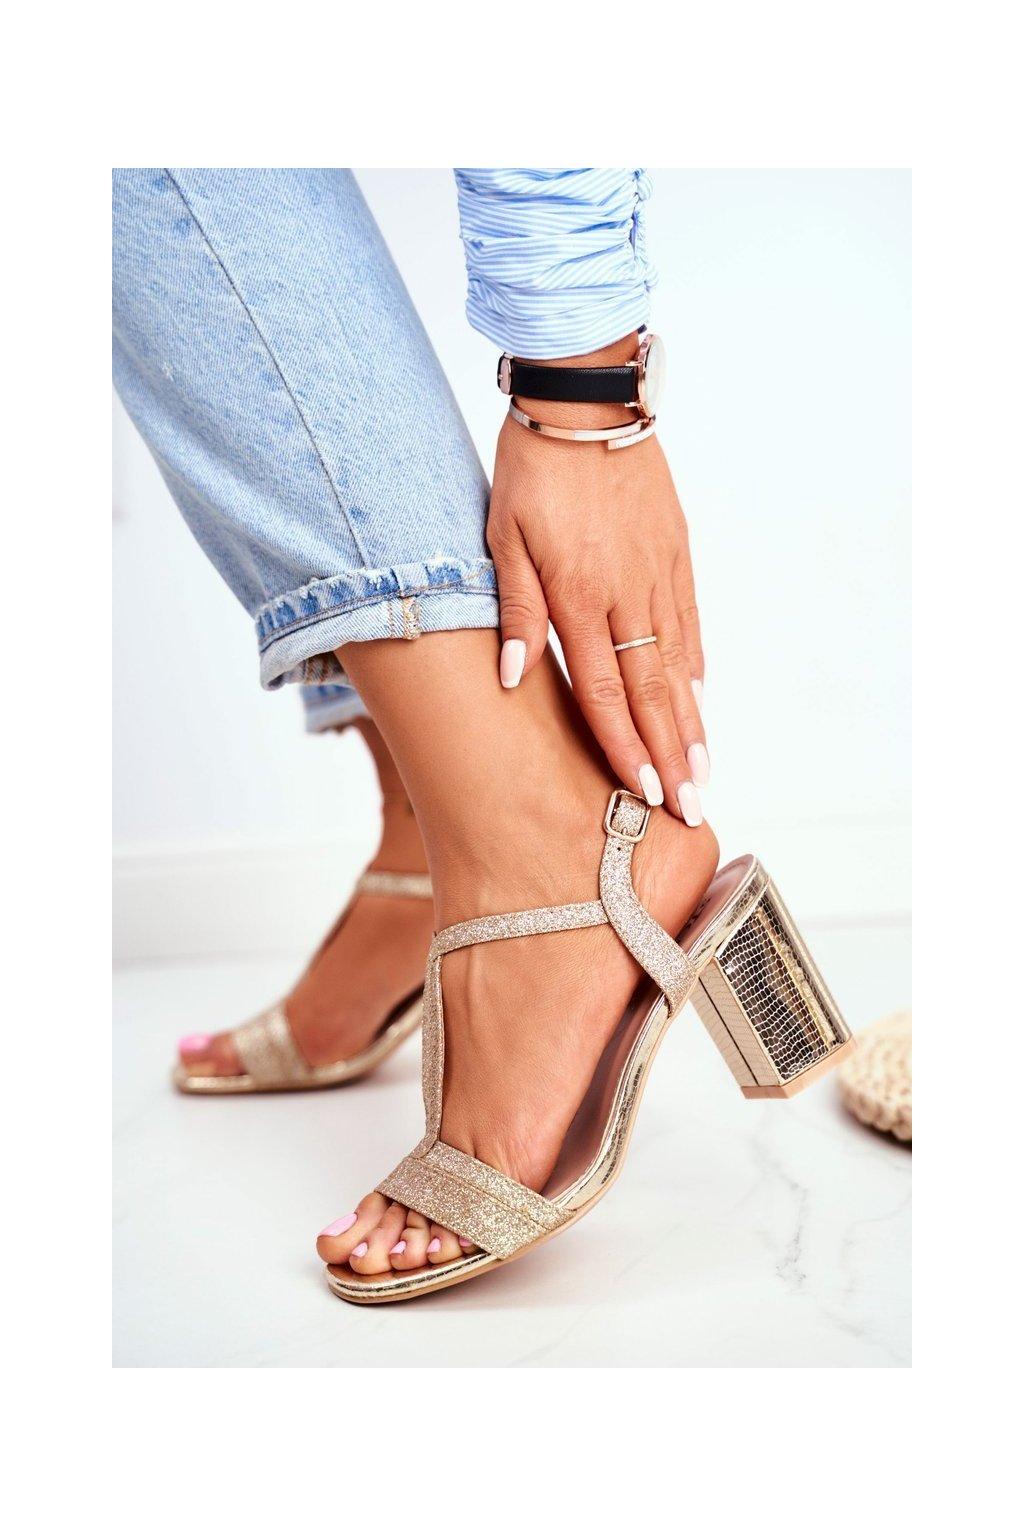 Dámske Sandále na podpätku Zlaté lesklé Perfecto